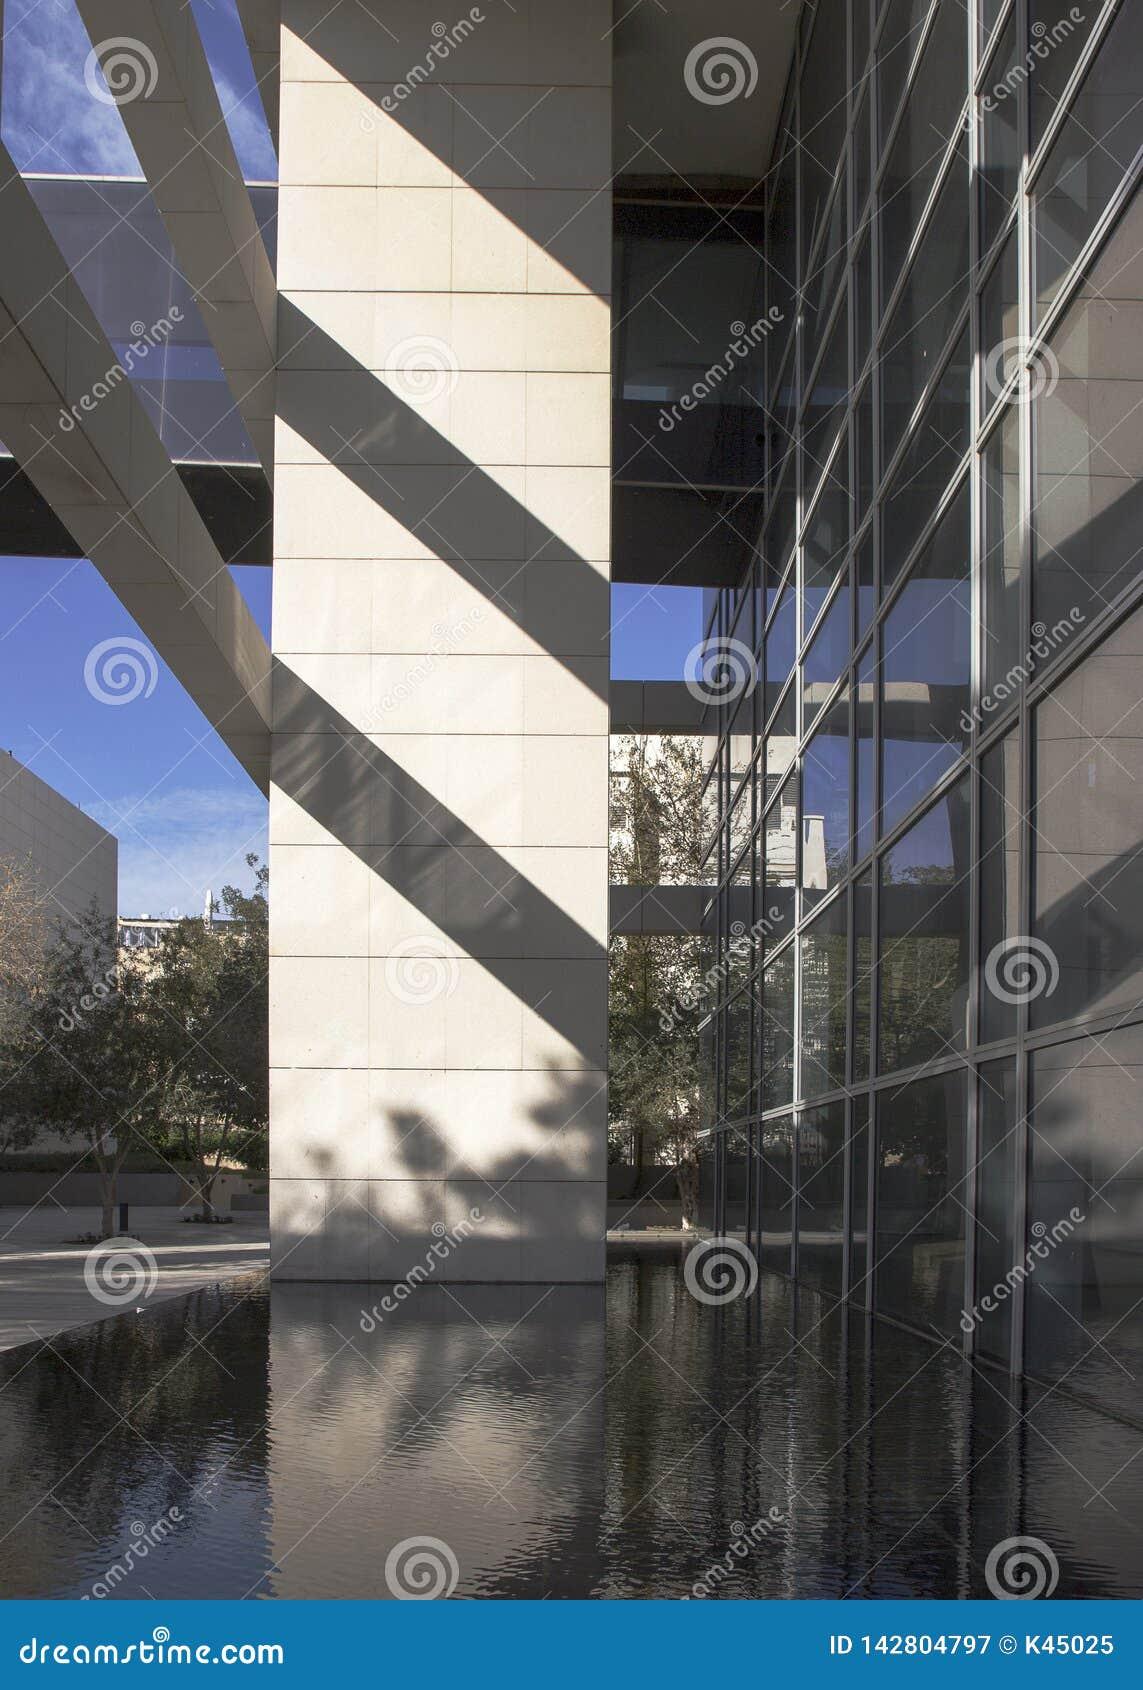 Часть современного здания с толкованием стиля Баухауза внутри